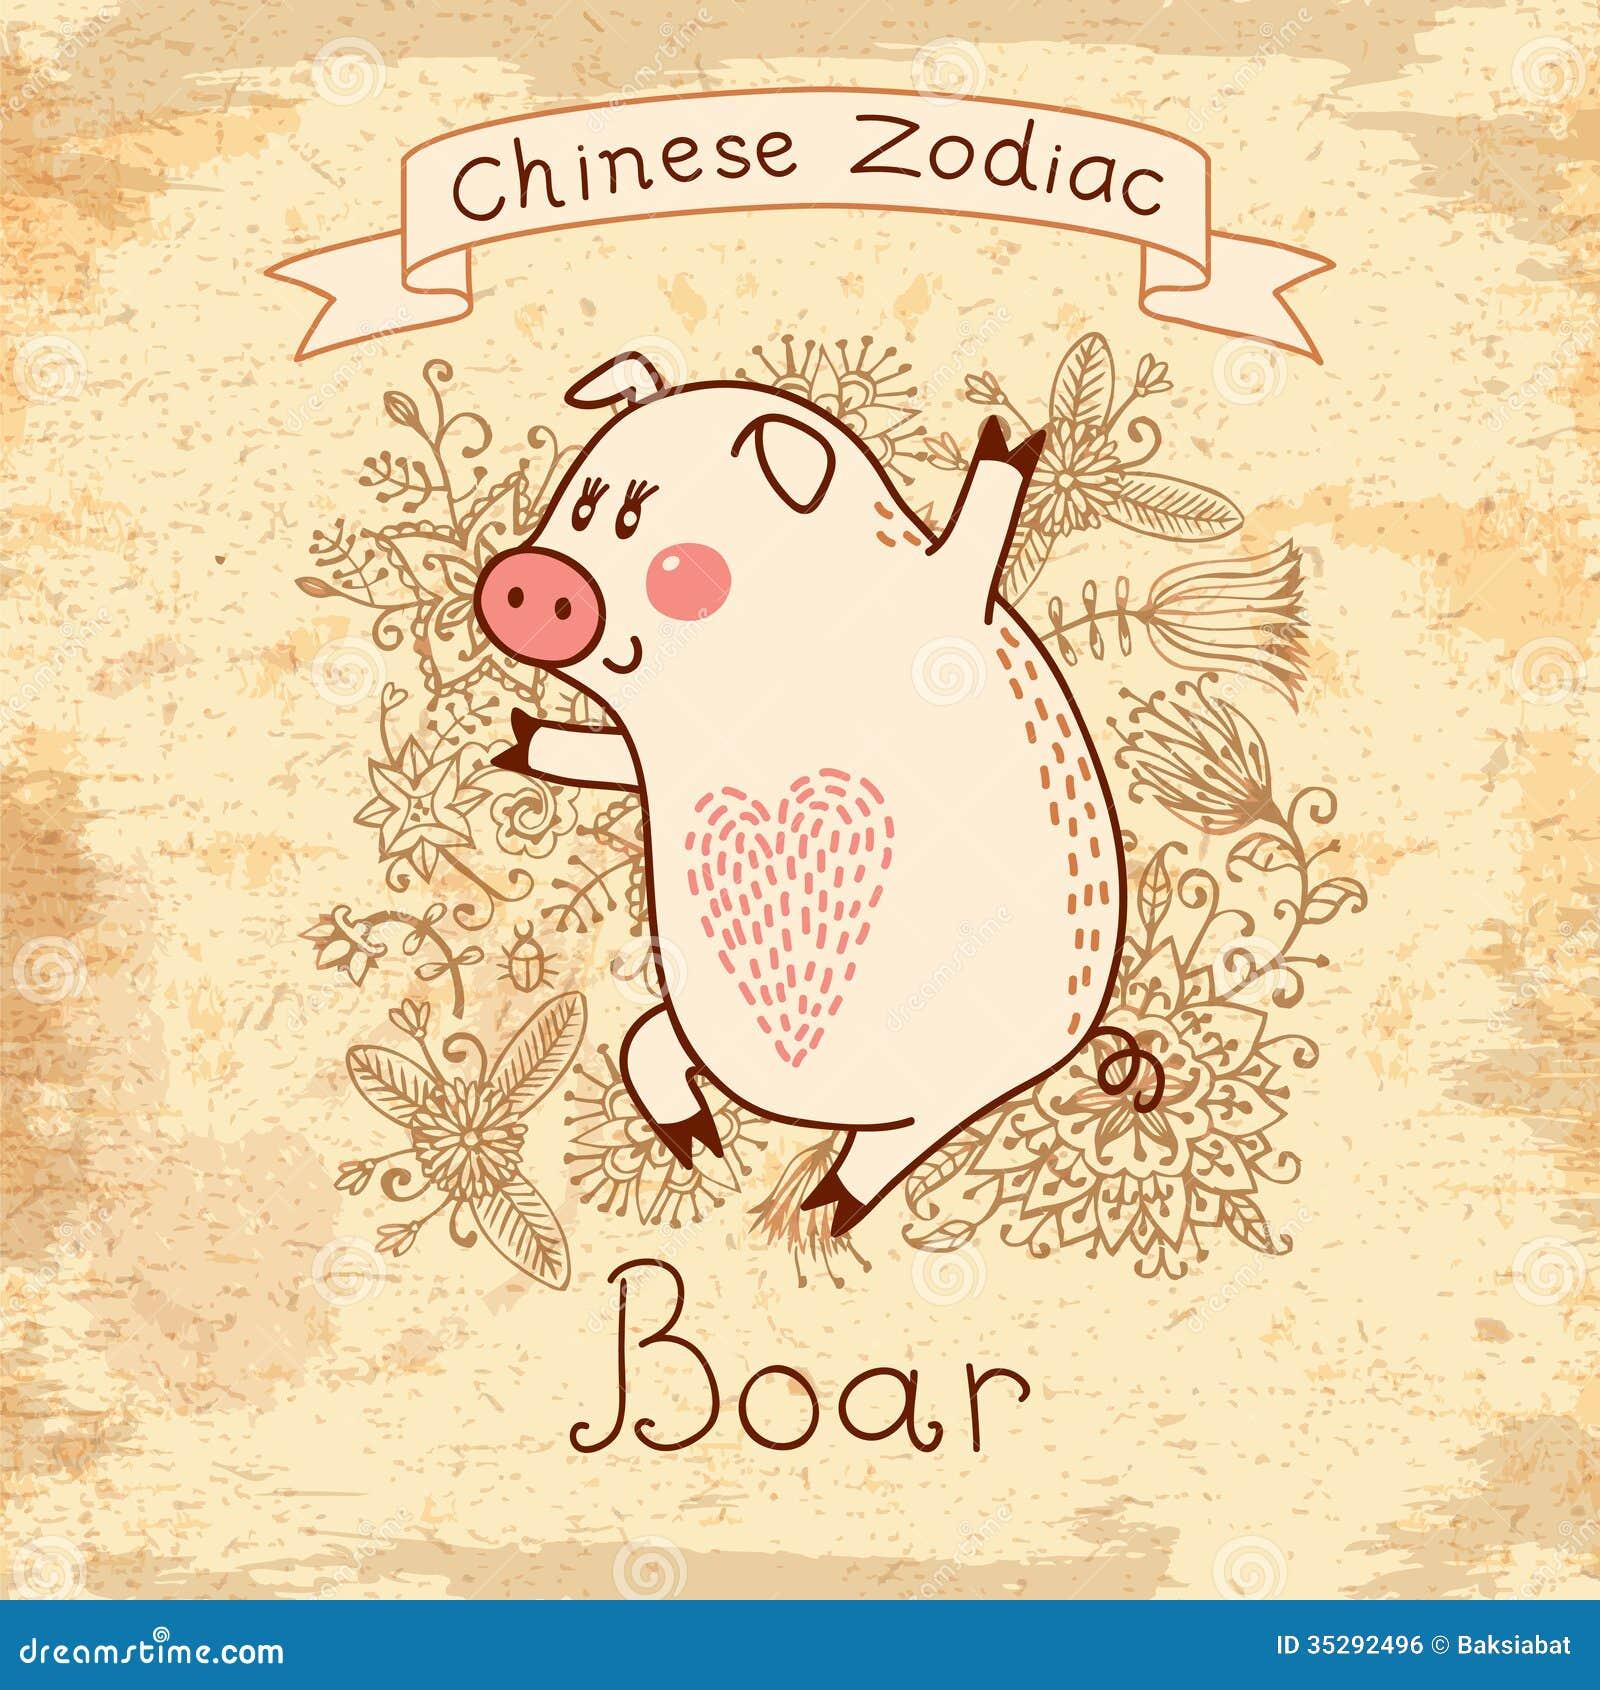 Love compatibility: Boar and Boar